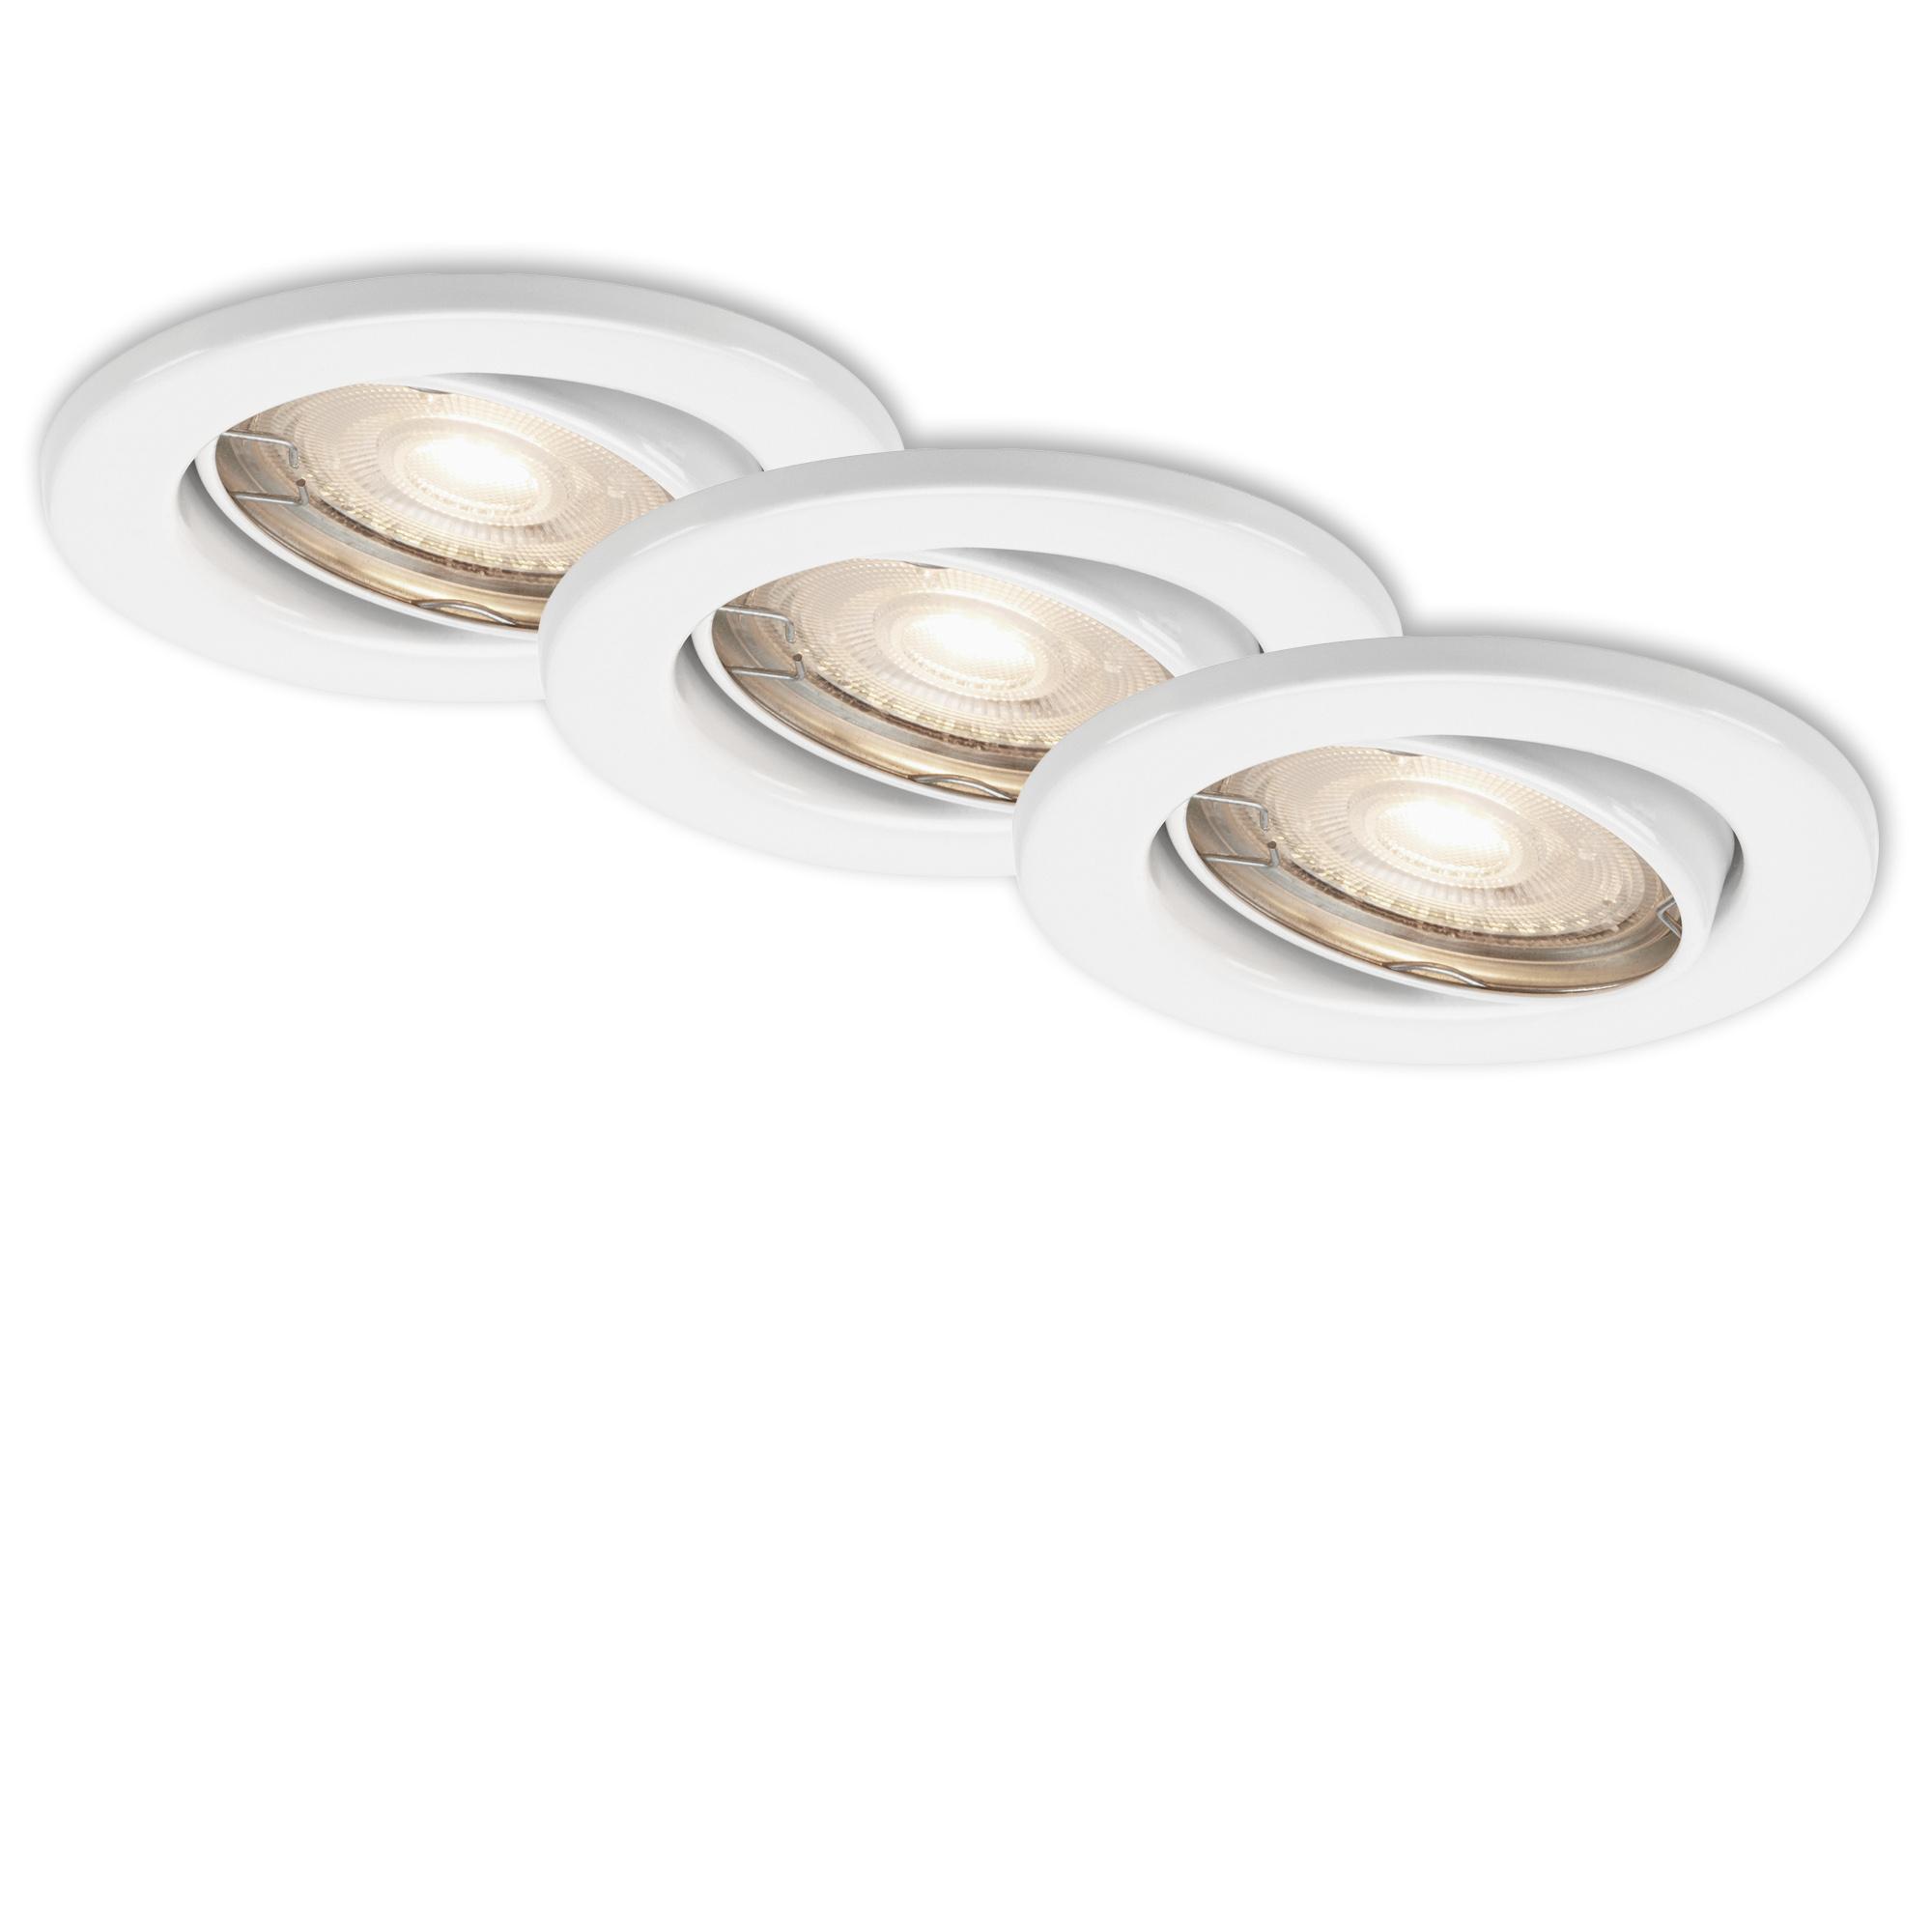 3er Set LED Einbauleuchte, Ø 8,6 cm, 3,5 W, Weiß